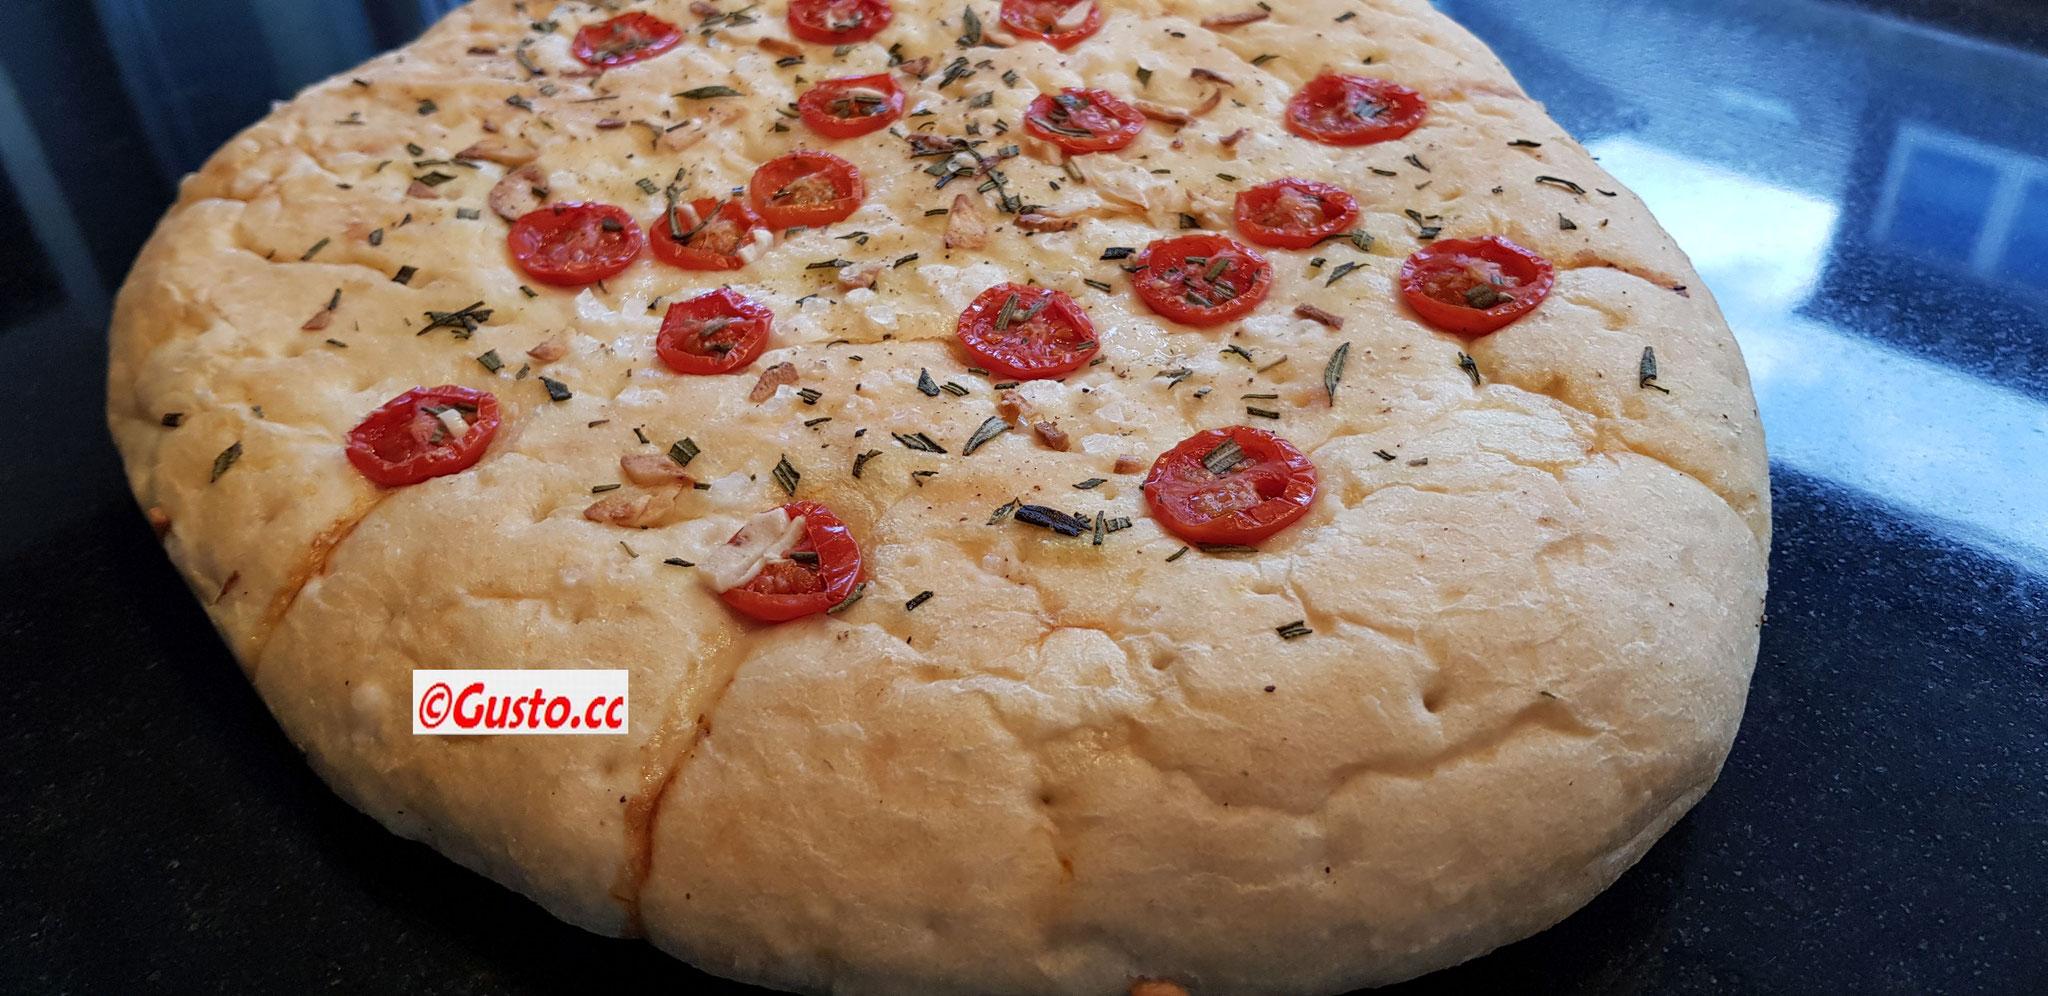 hausgebackenes Focaccia mit Kräutern und Tomaten